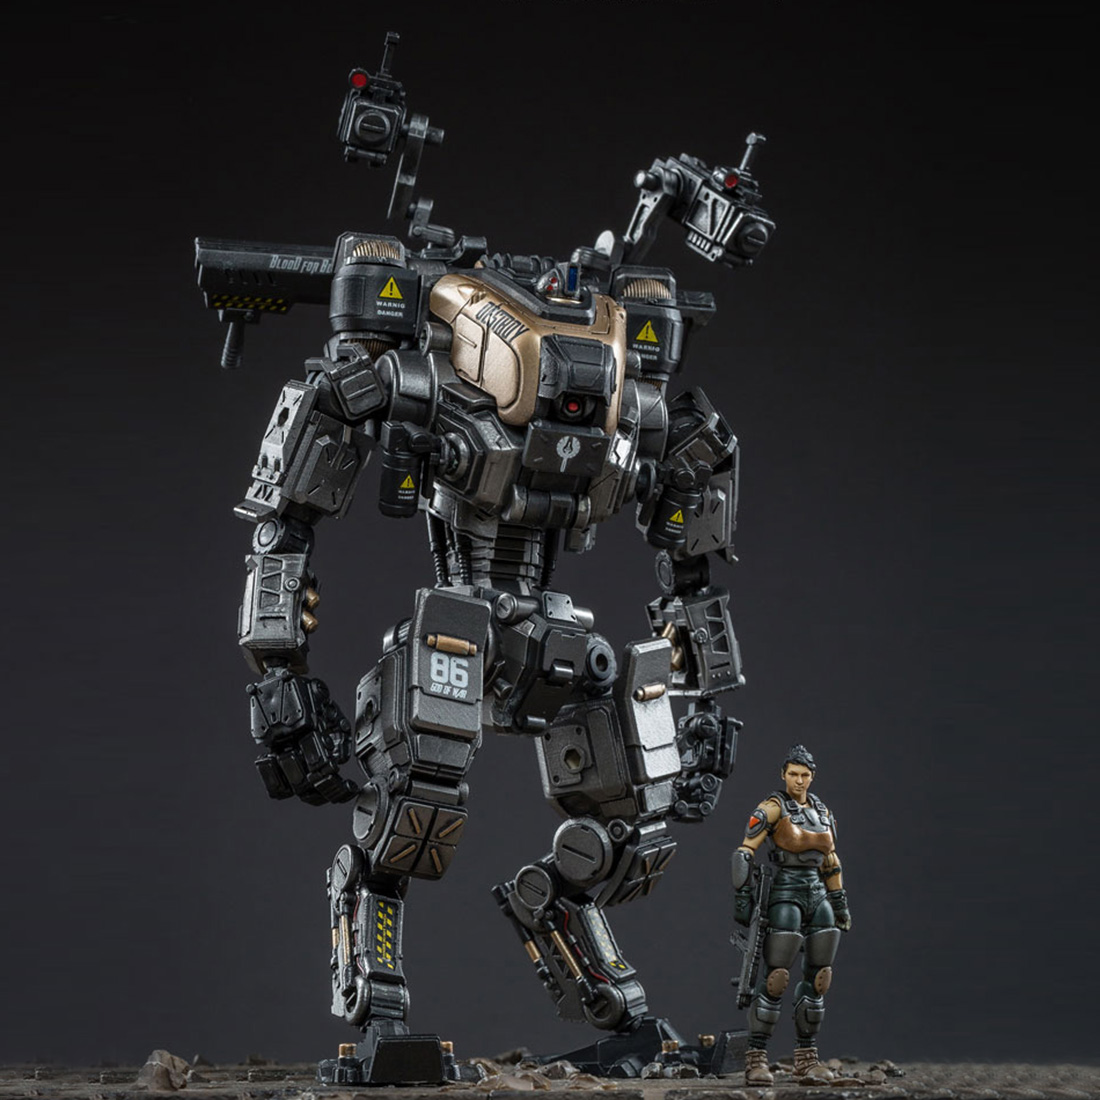 DIY Abnehmbare Mecha Modell Soldat Modell Bau Spielzeug Mit Hoher Grad Von Reduktion (Mecha Höhe: 22 cm; soldat Höhe: 7,5 cm)-in Action & Spielfiguren aus Spielzeug und Hobbys bei  Gruppe 1